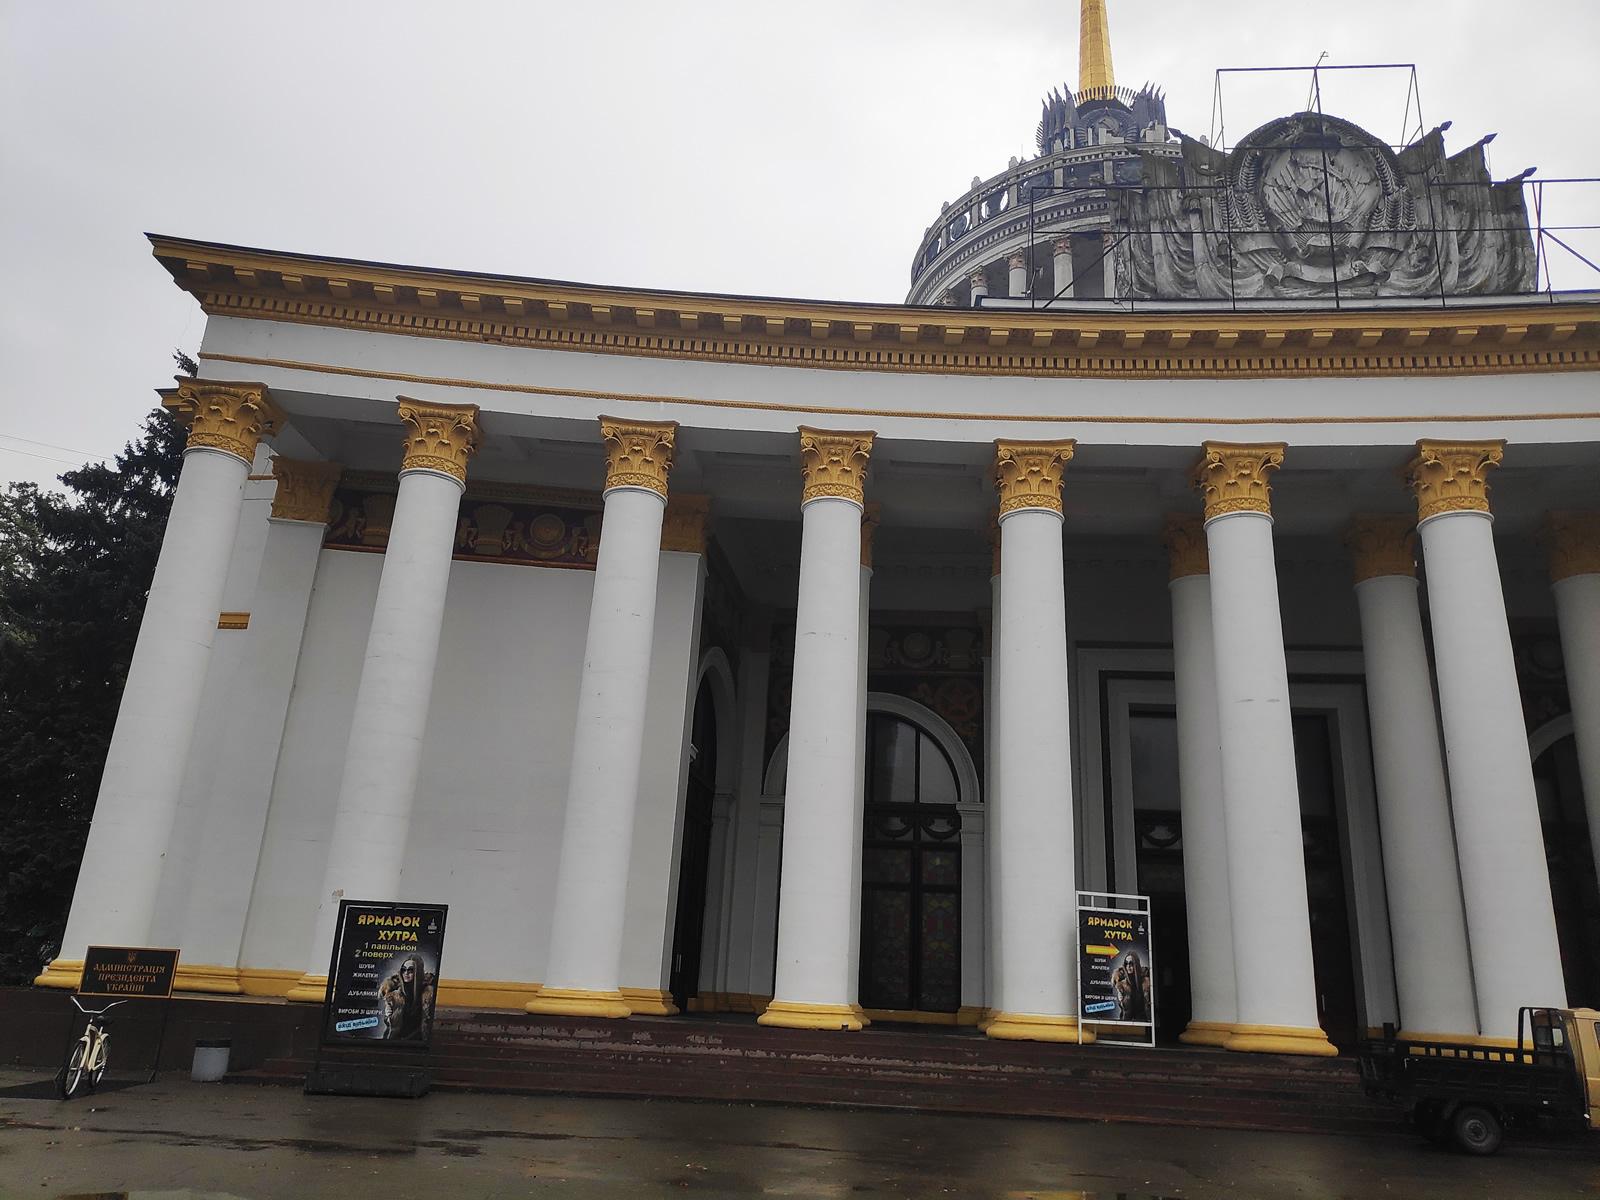 Где купить норковую шубу или дубленку дешево в Киеве? - конечно на ярмарке на ВДНГ